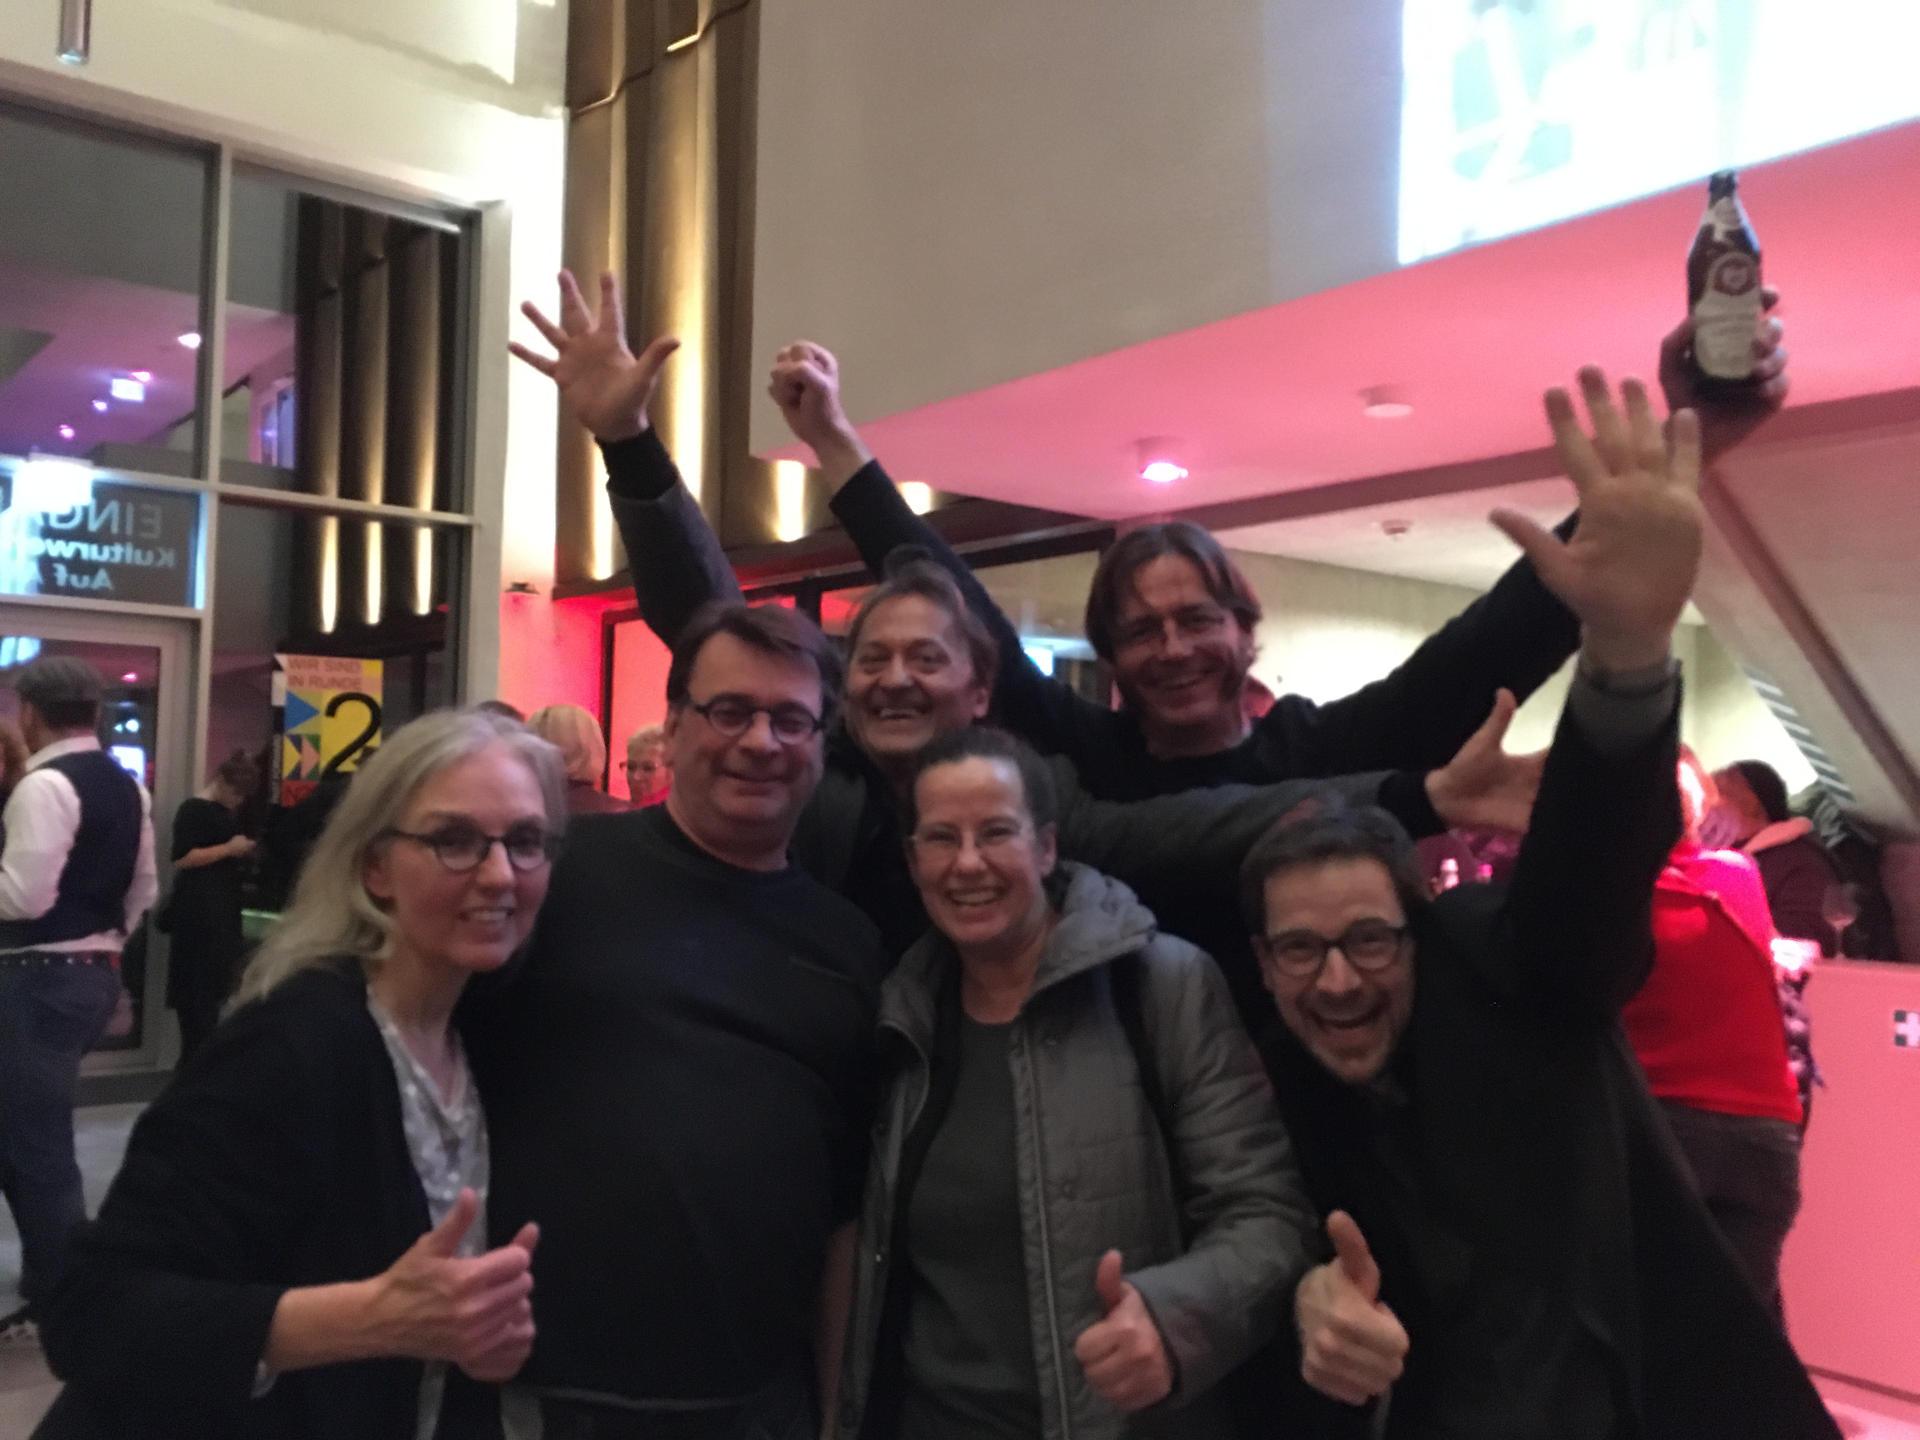 Vertreter der Kulturhauptstadt-Initiative #NUE2025 auf der Feier der Stadt auf AEG am 12.12.2019